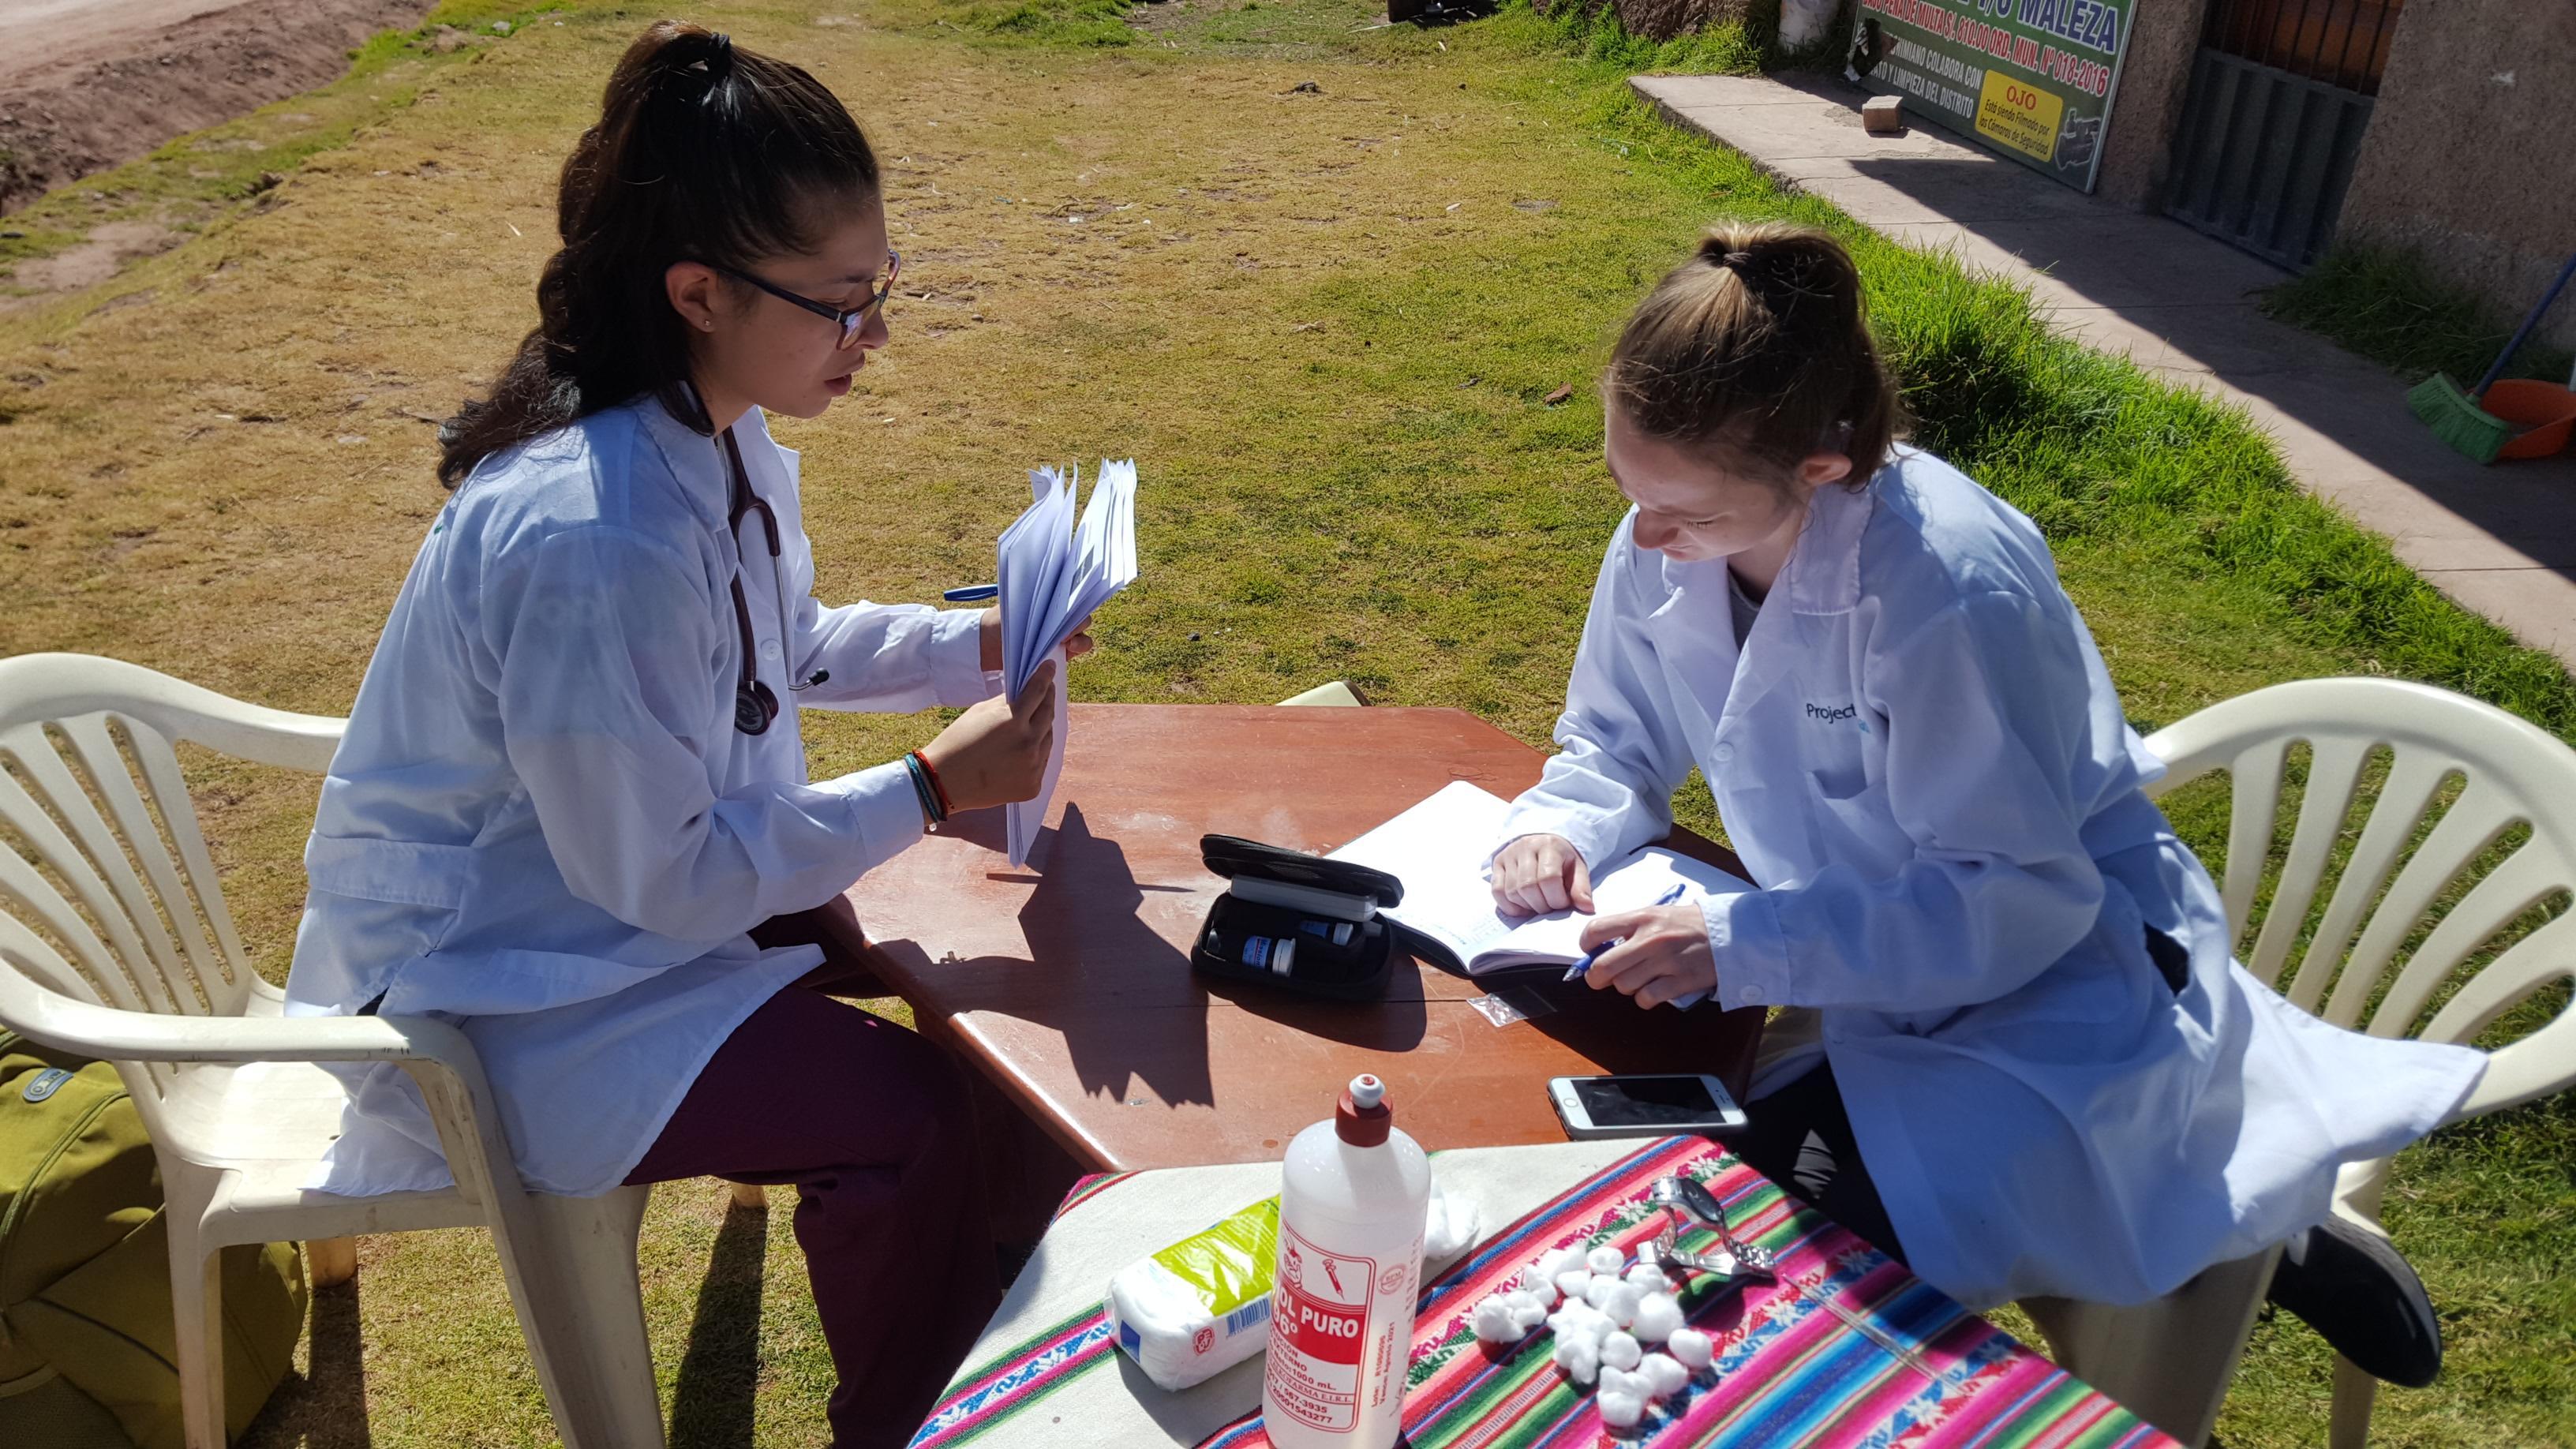 Par de estudiantes en una pasantía de nutrición revisando información de pacientes durante una brigada en Perú.